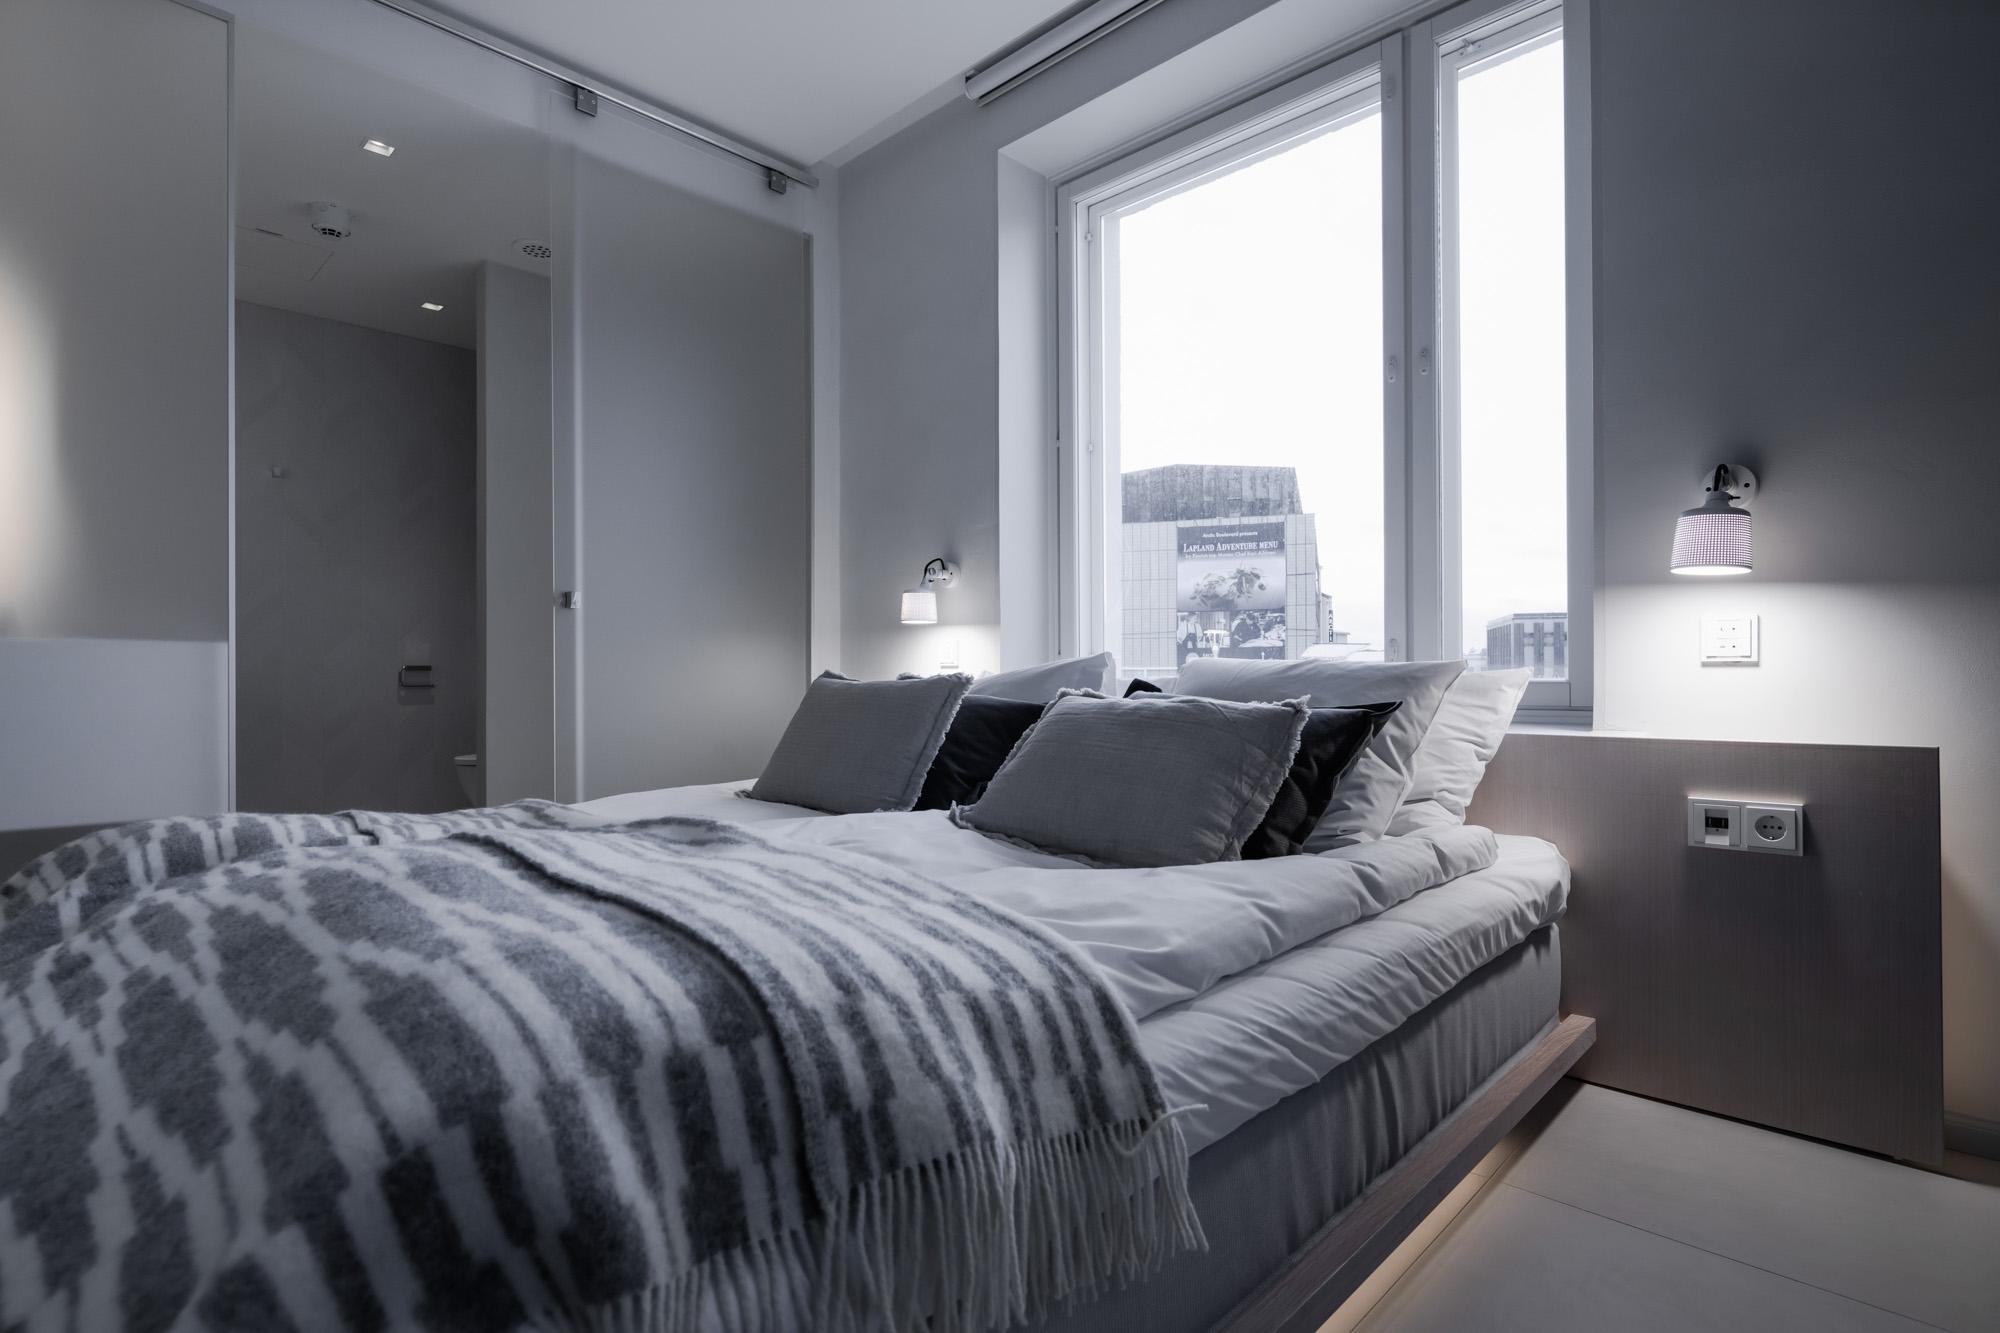 Gaissa-huoneen kahdella seinällä sijaitsevat suuret ikkunat tuovat huoneeseen valoa ja tilan tuntua.